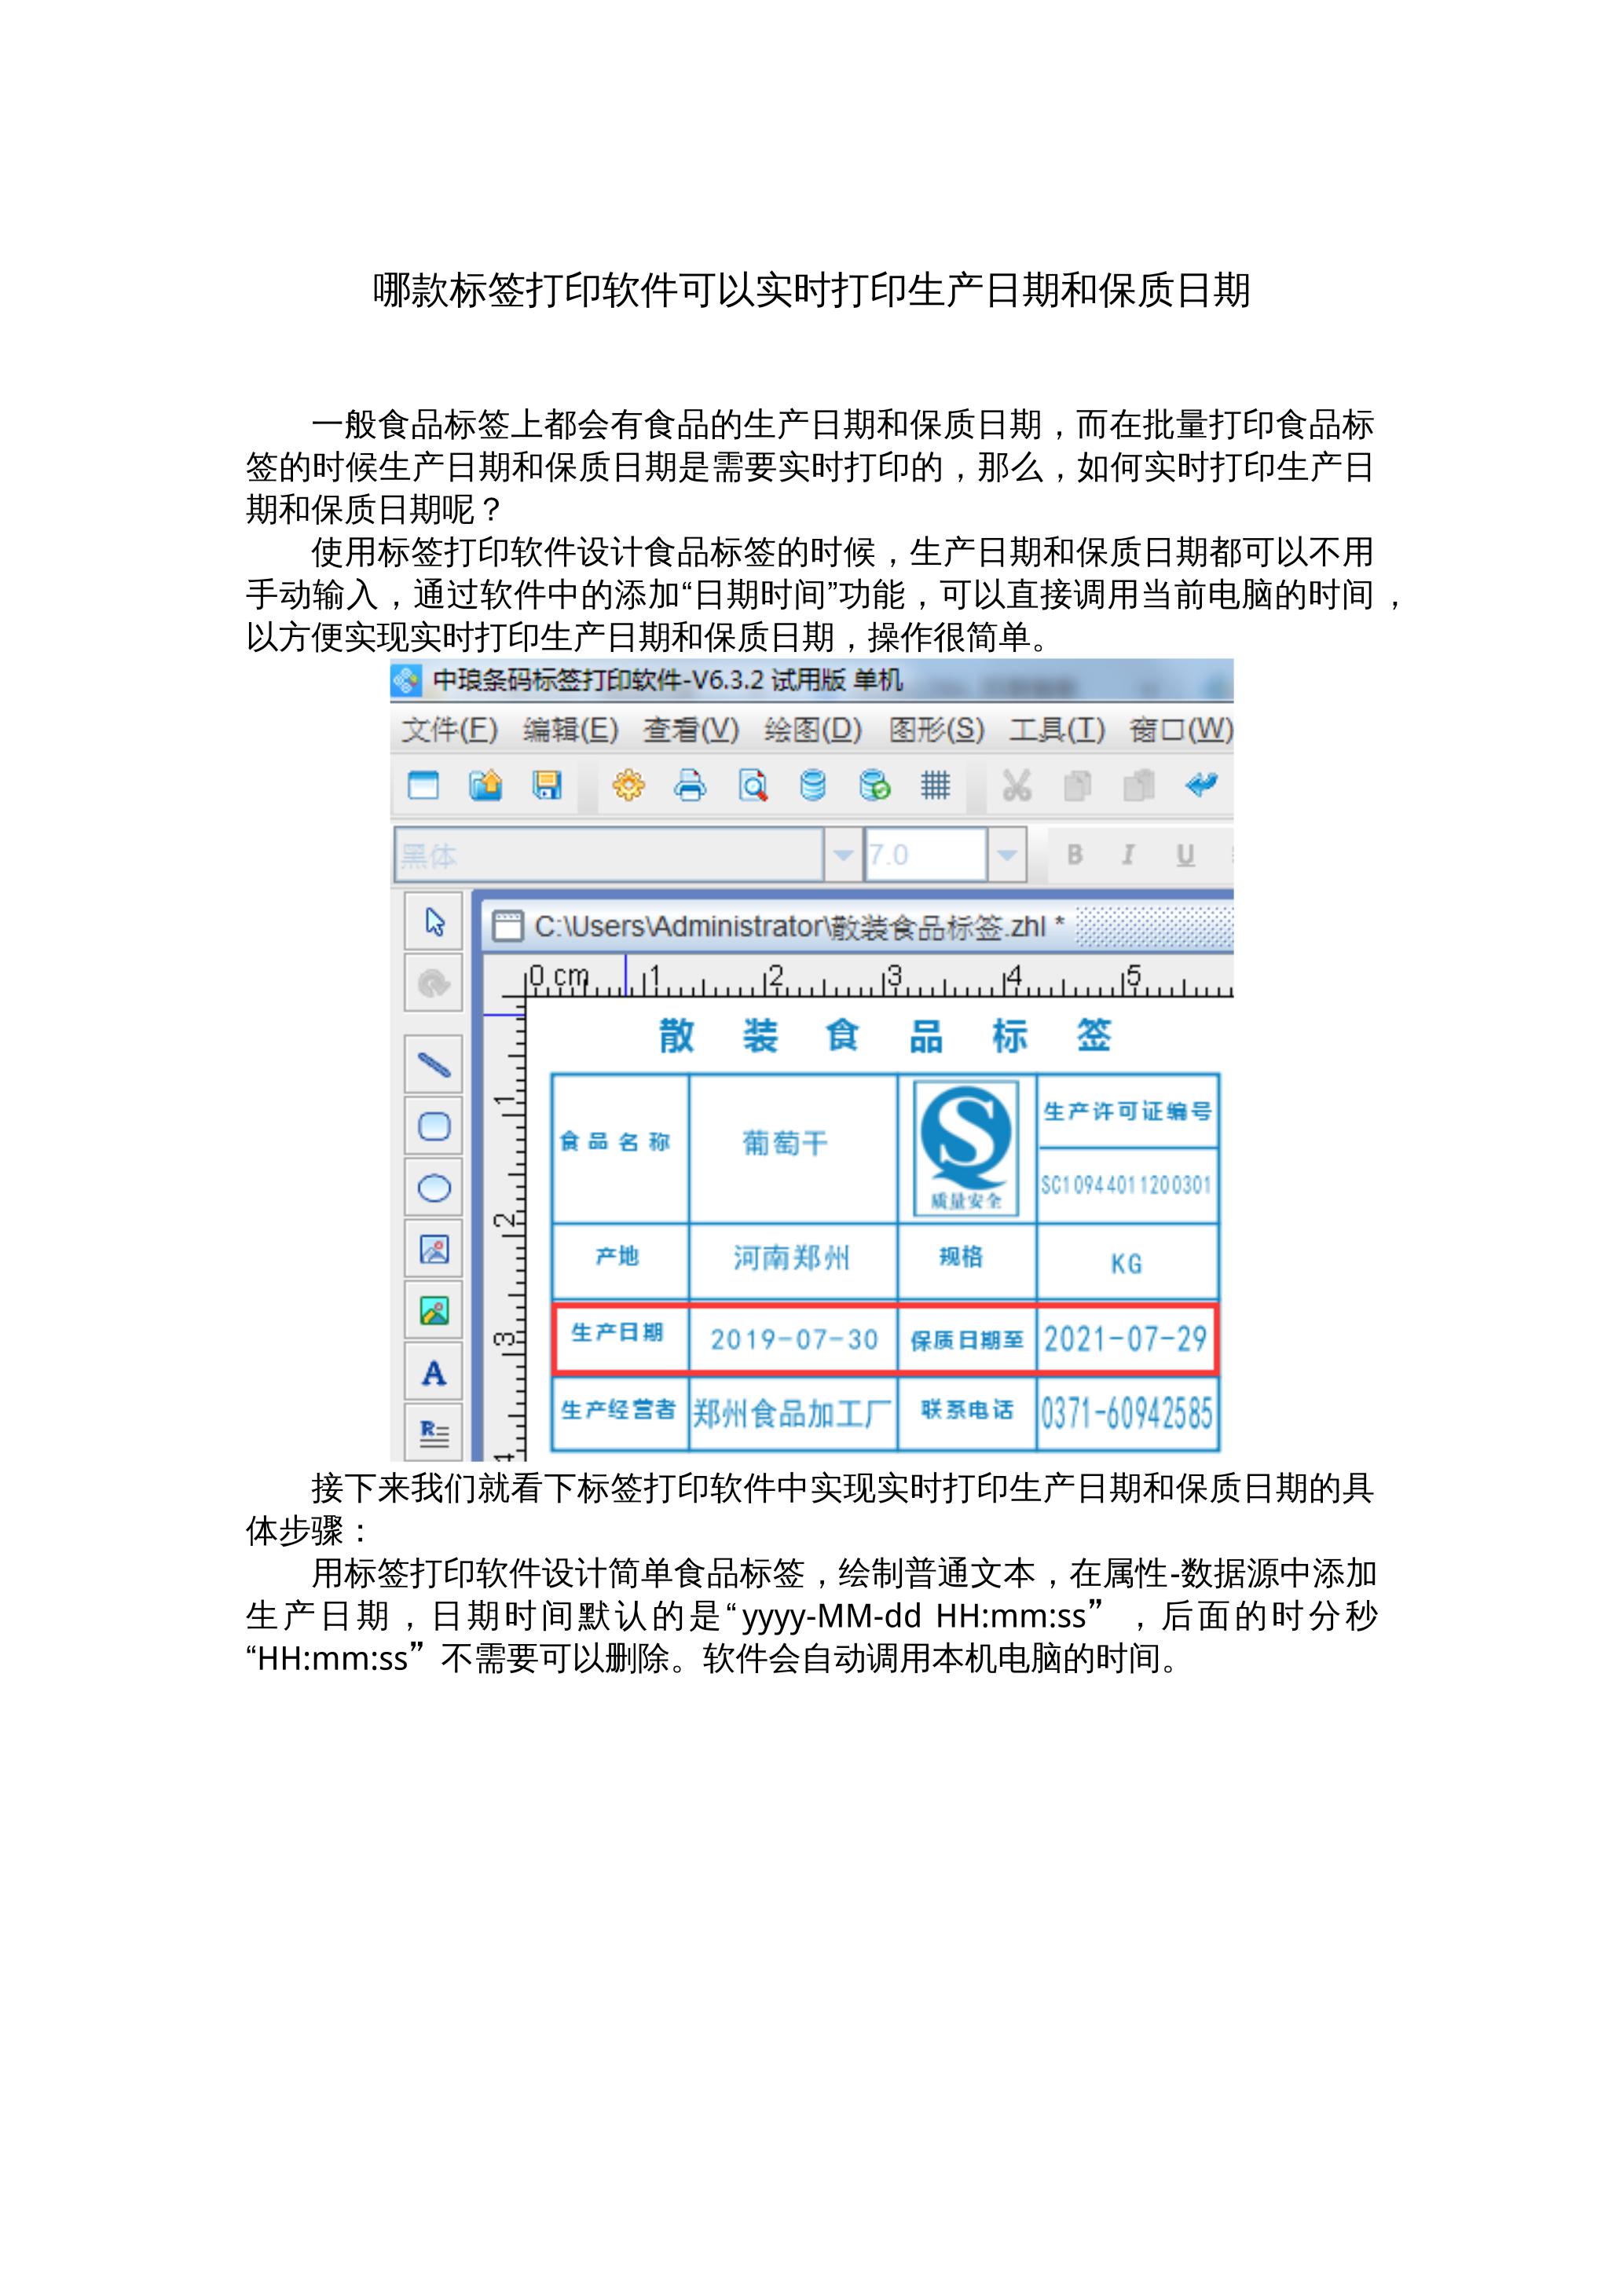 哪款标签打印软件可以实时打印生产日期和保质日期 封面